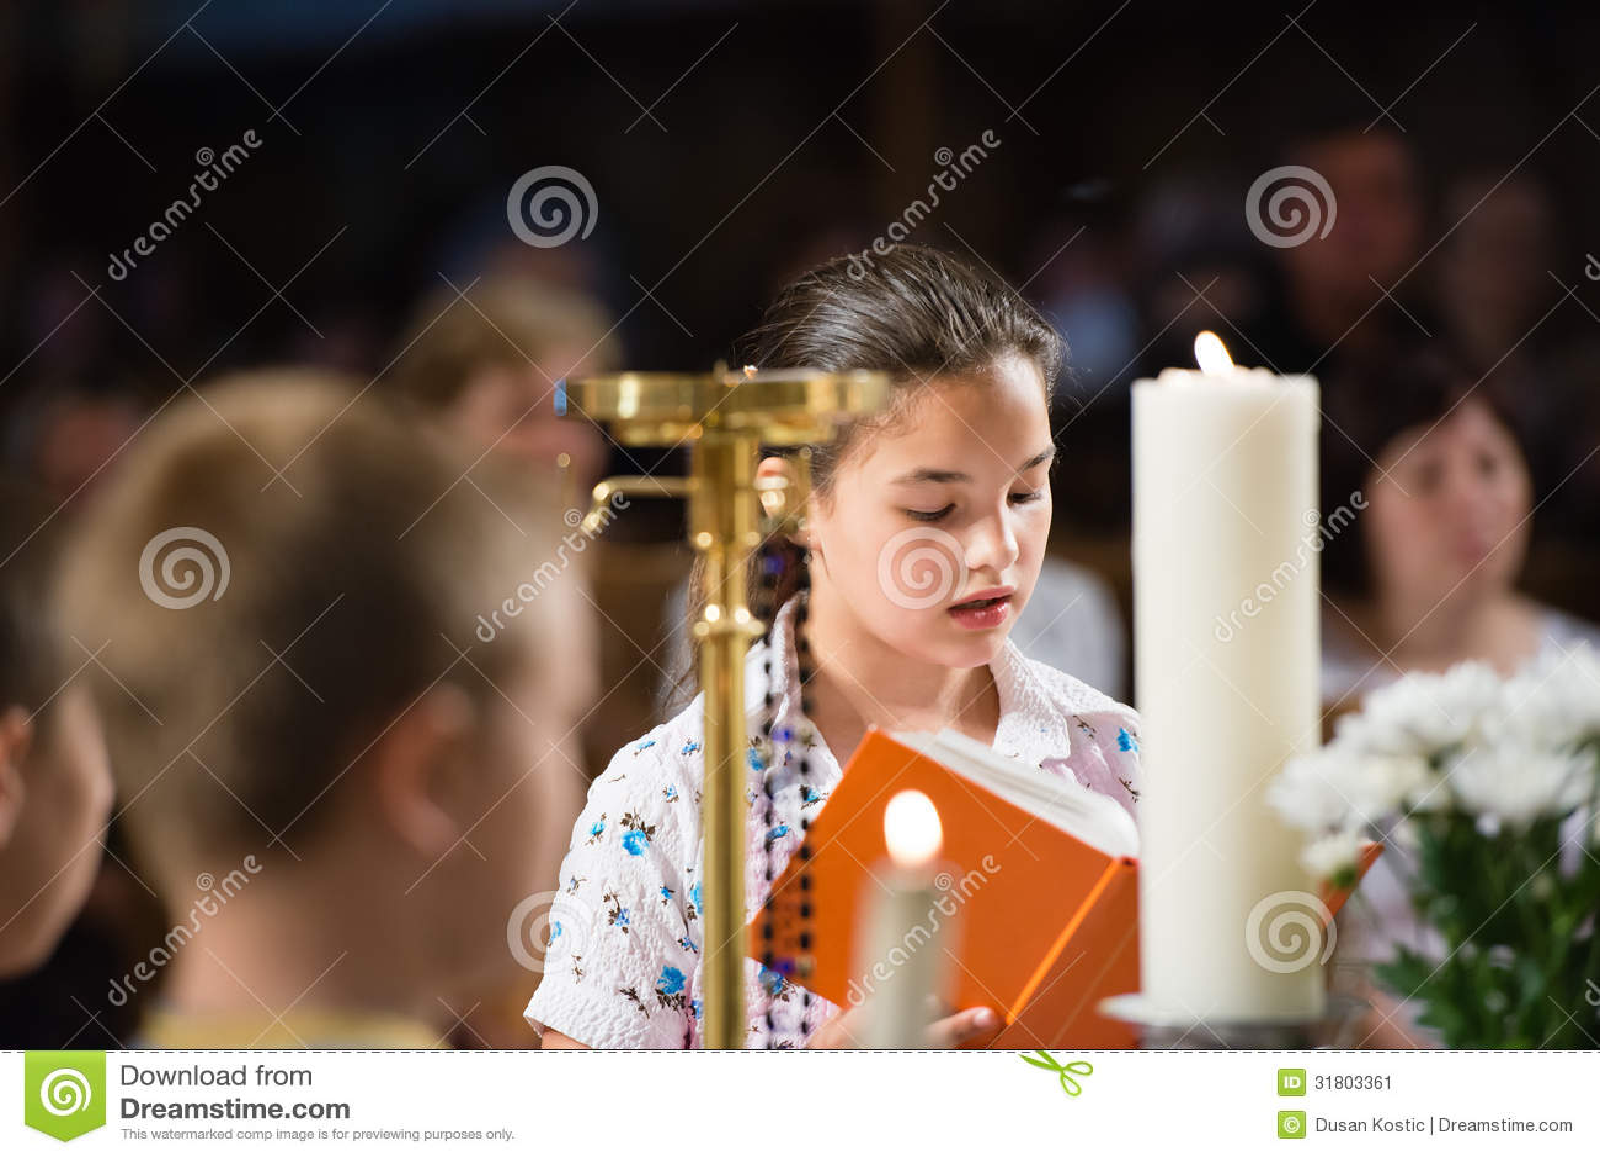 Διαβάζει την προσευχή